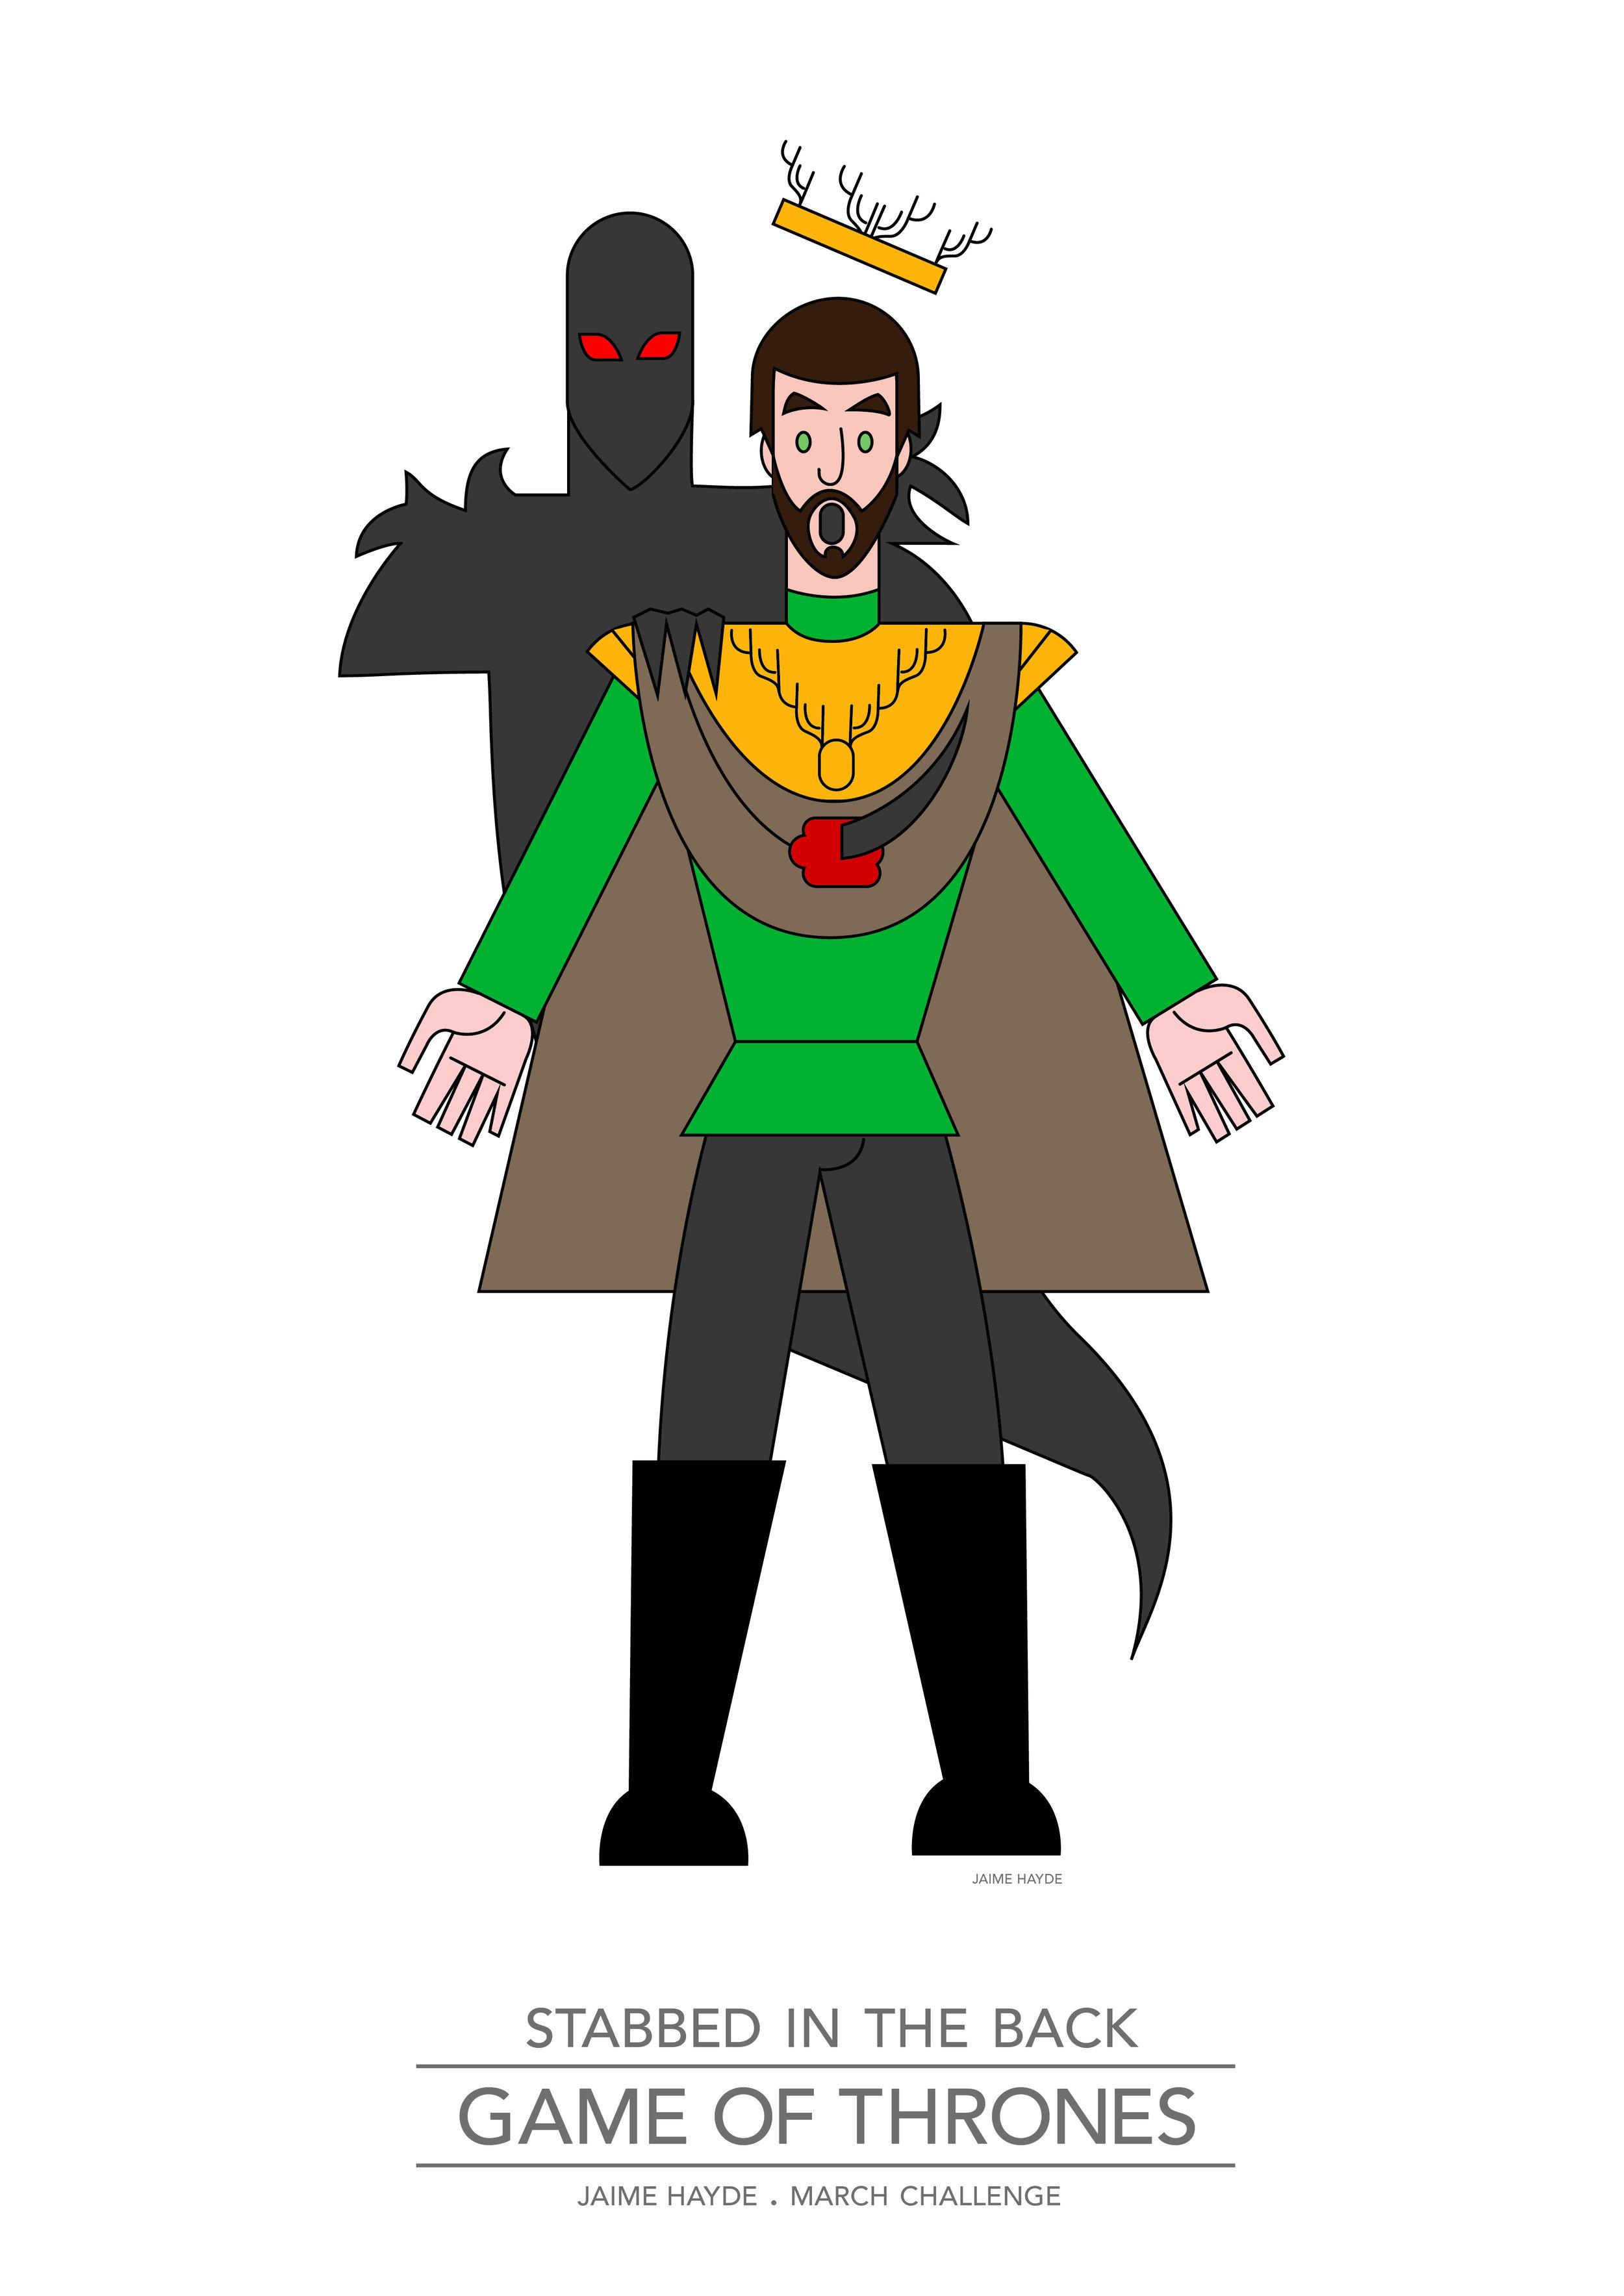 Game-of-thrones-Juego-de-tronos-illustration-renly.jpg